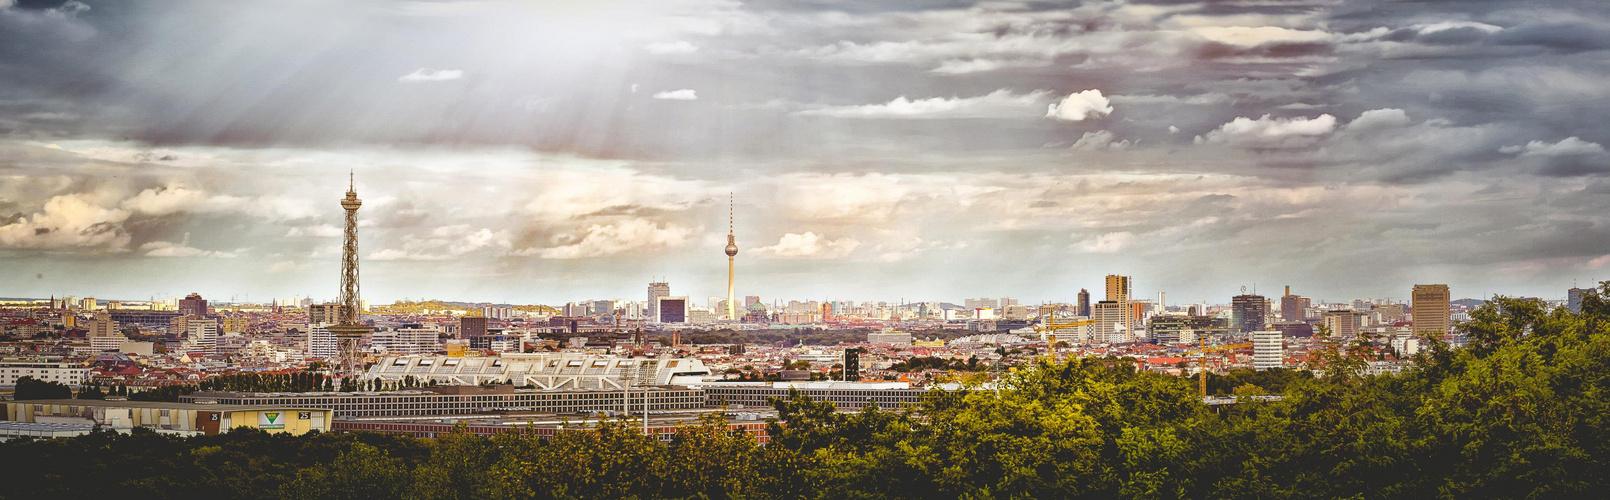 Berlin in die eine richtung.....